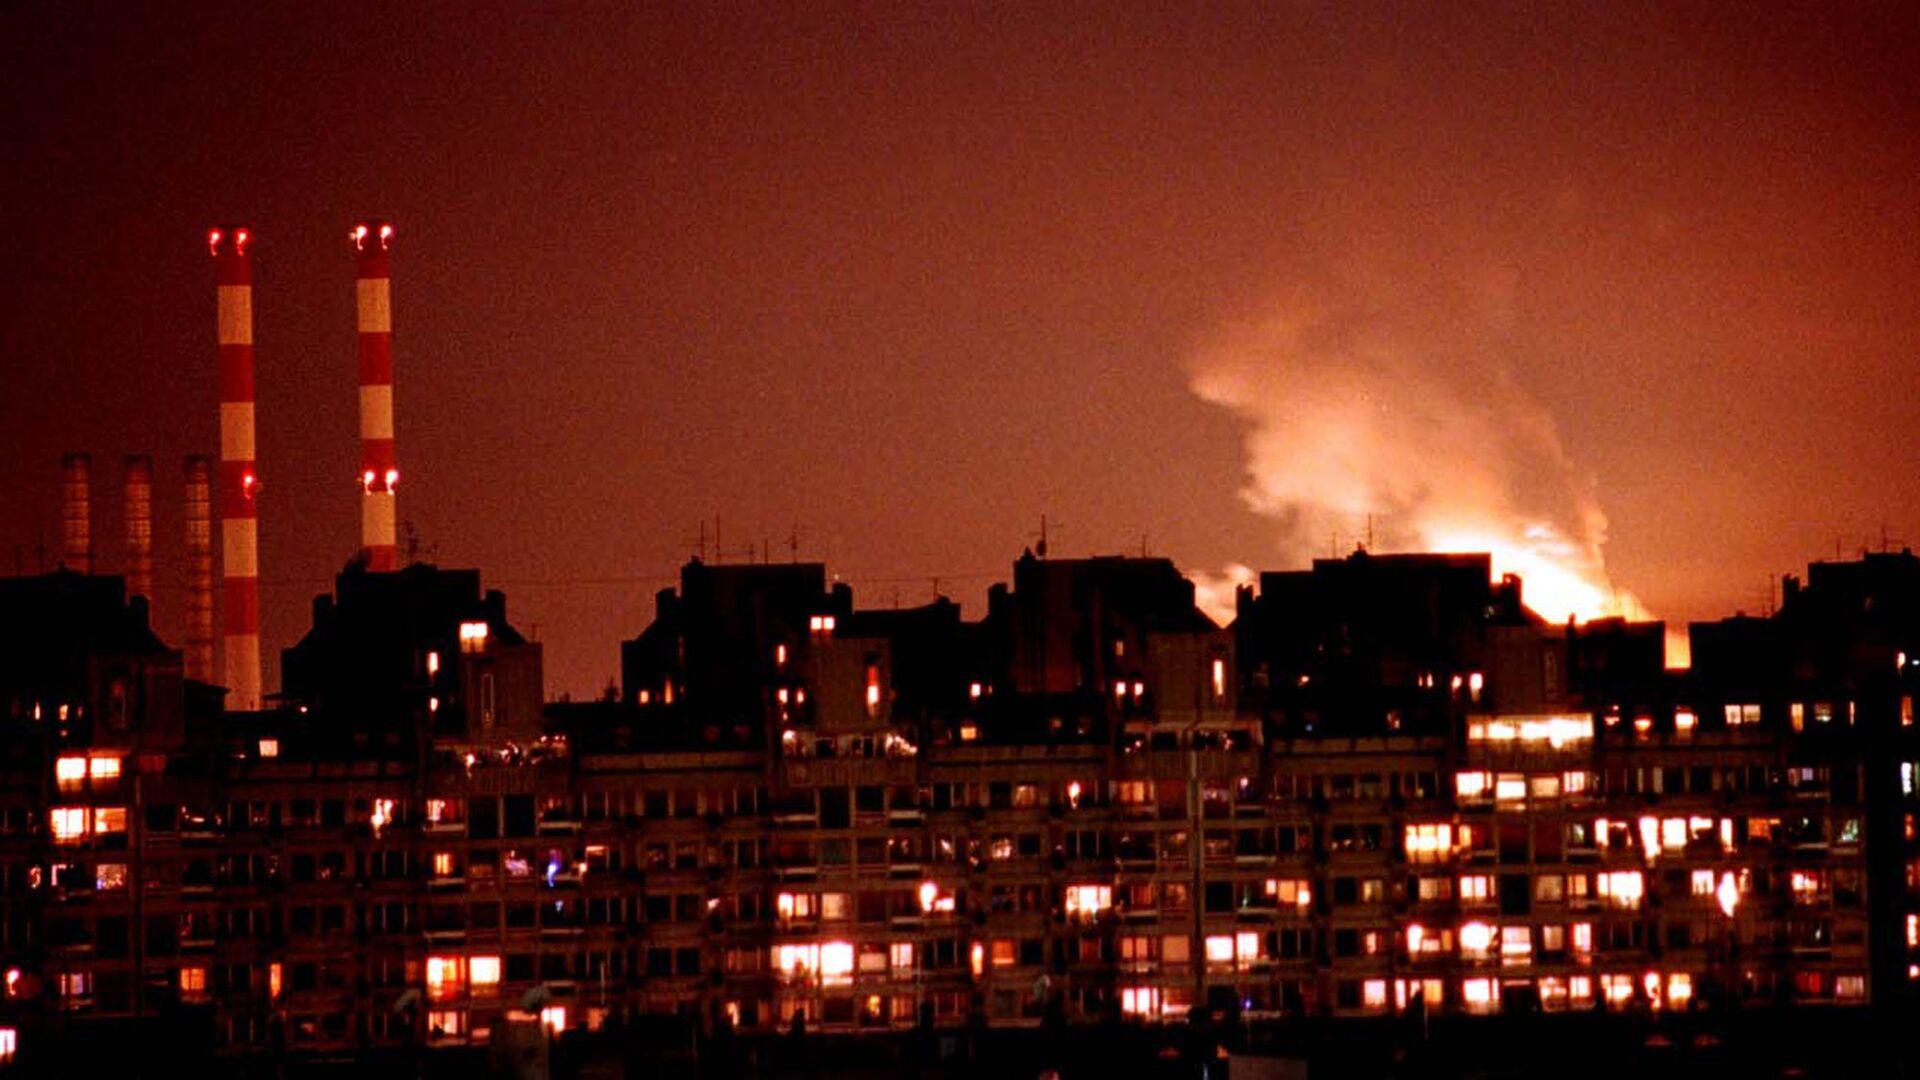 Bombardeo de Belgrado por la OTAN en 1999 - Sputnik Mundo, 1920, 25.03.2021